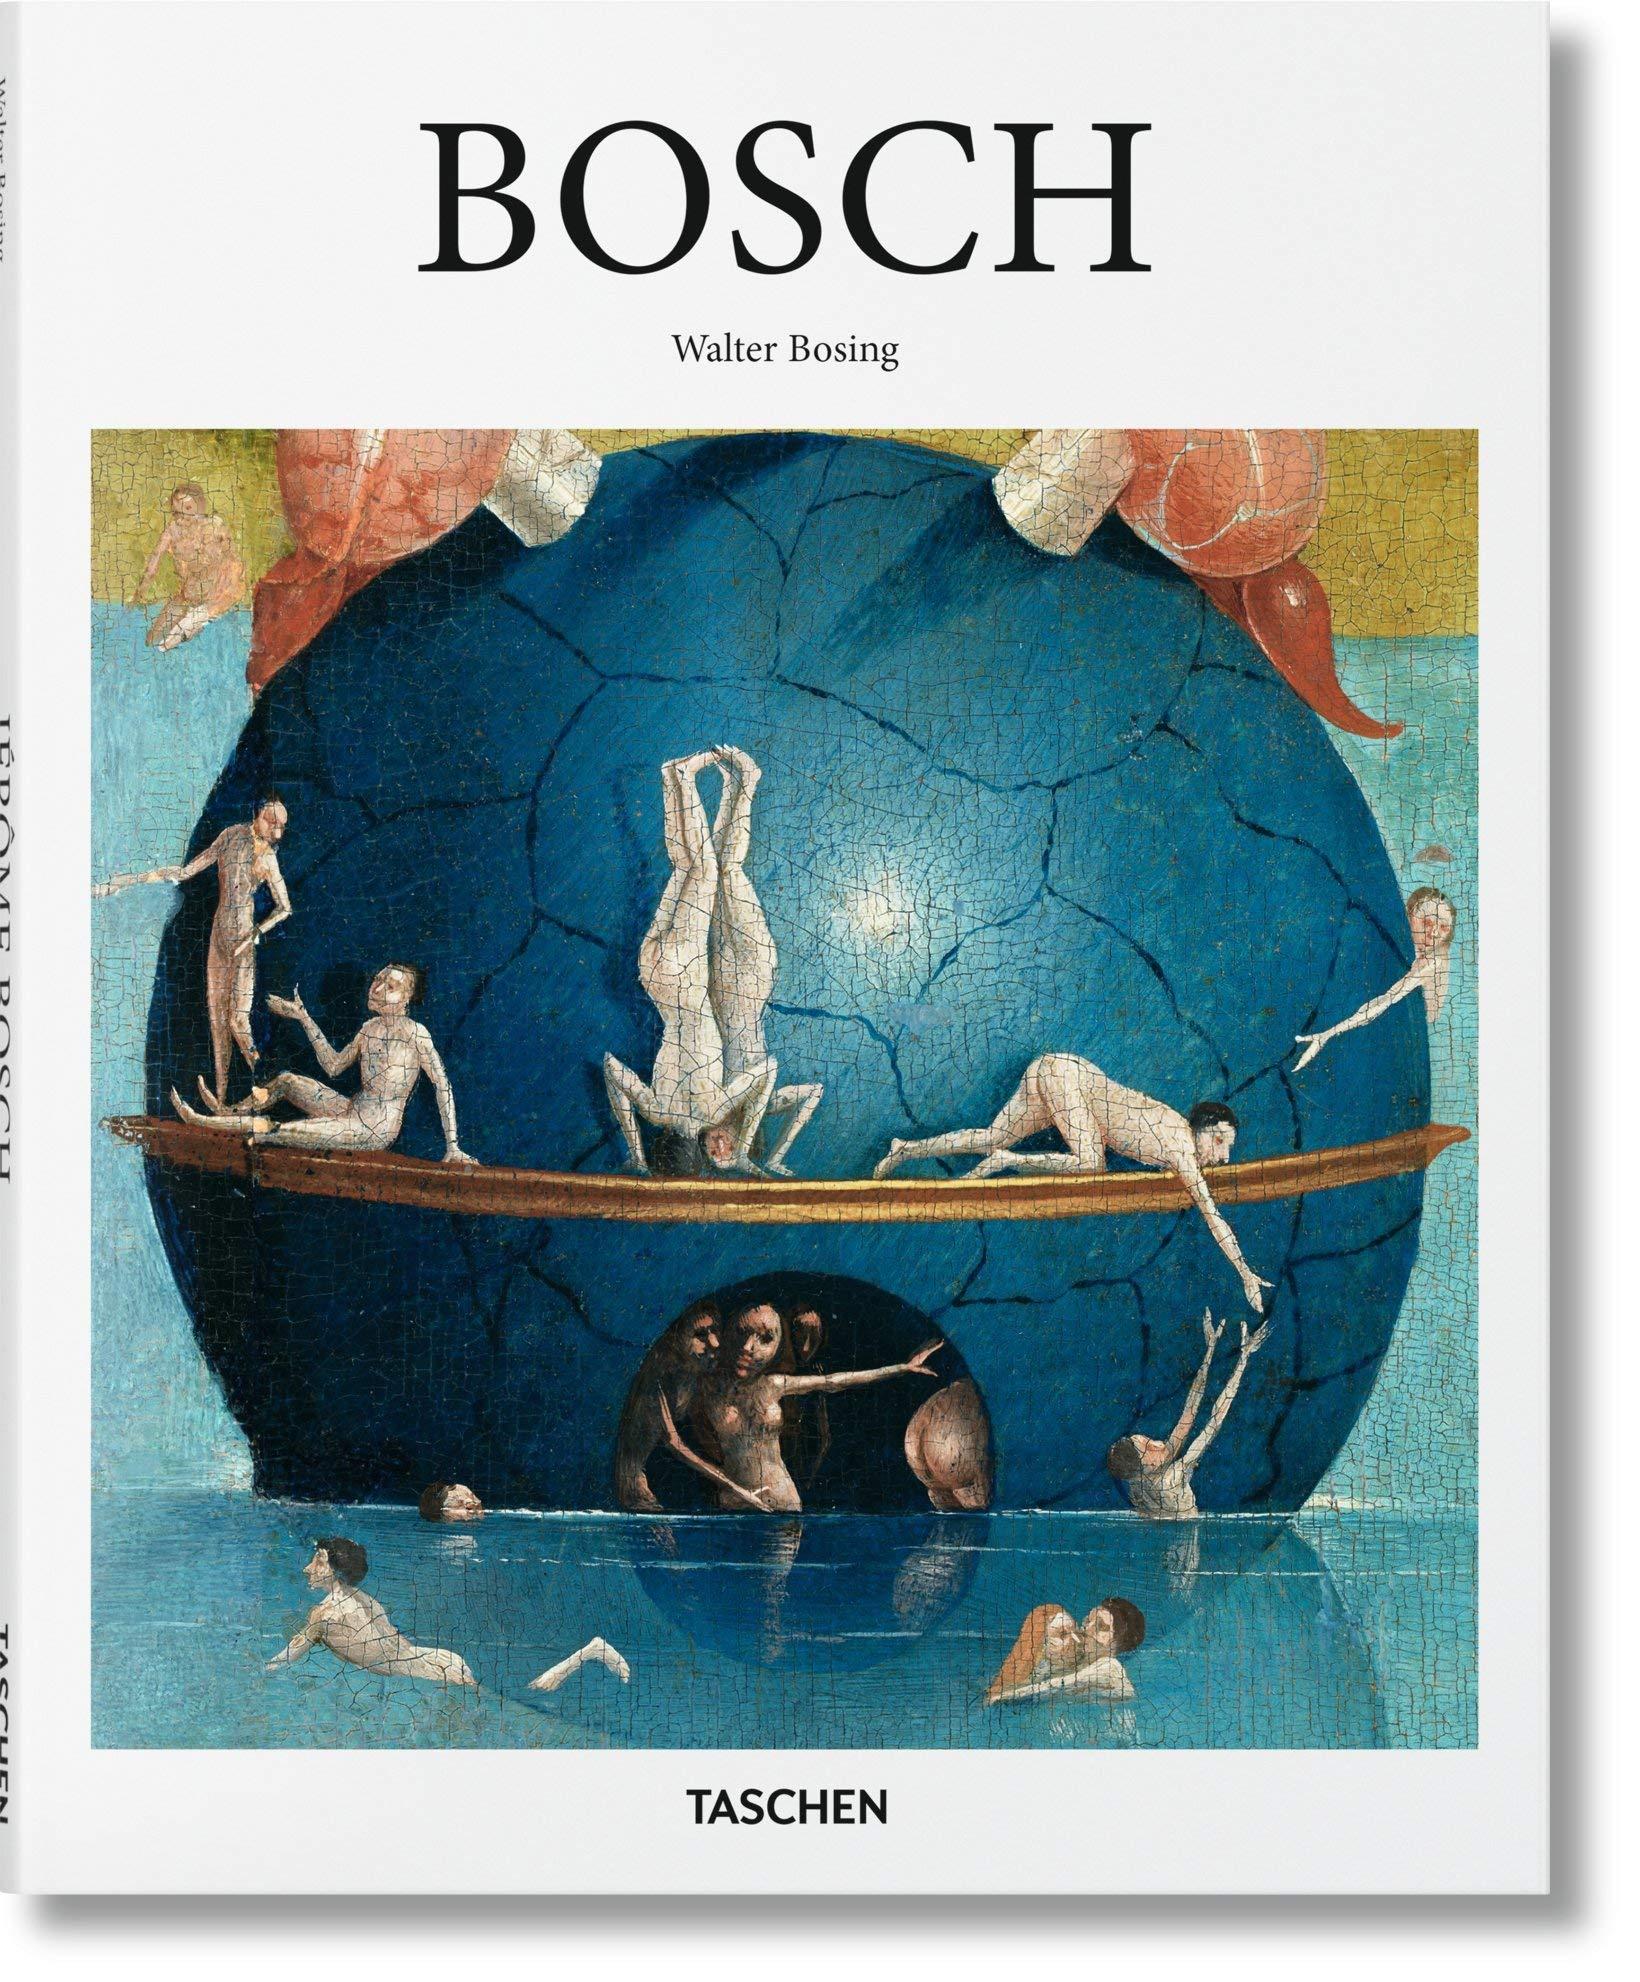 Jérôme Bosch : Entre le ciel et l'enfer - 81xy4Pjy79L - Jérôme Bosch : Entre le ciel et l'enfer